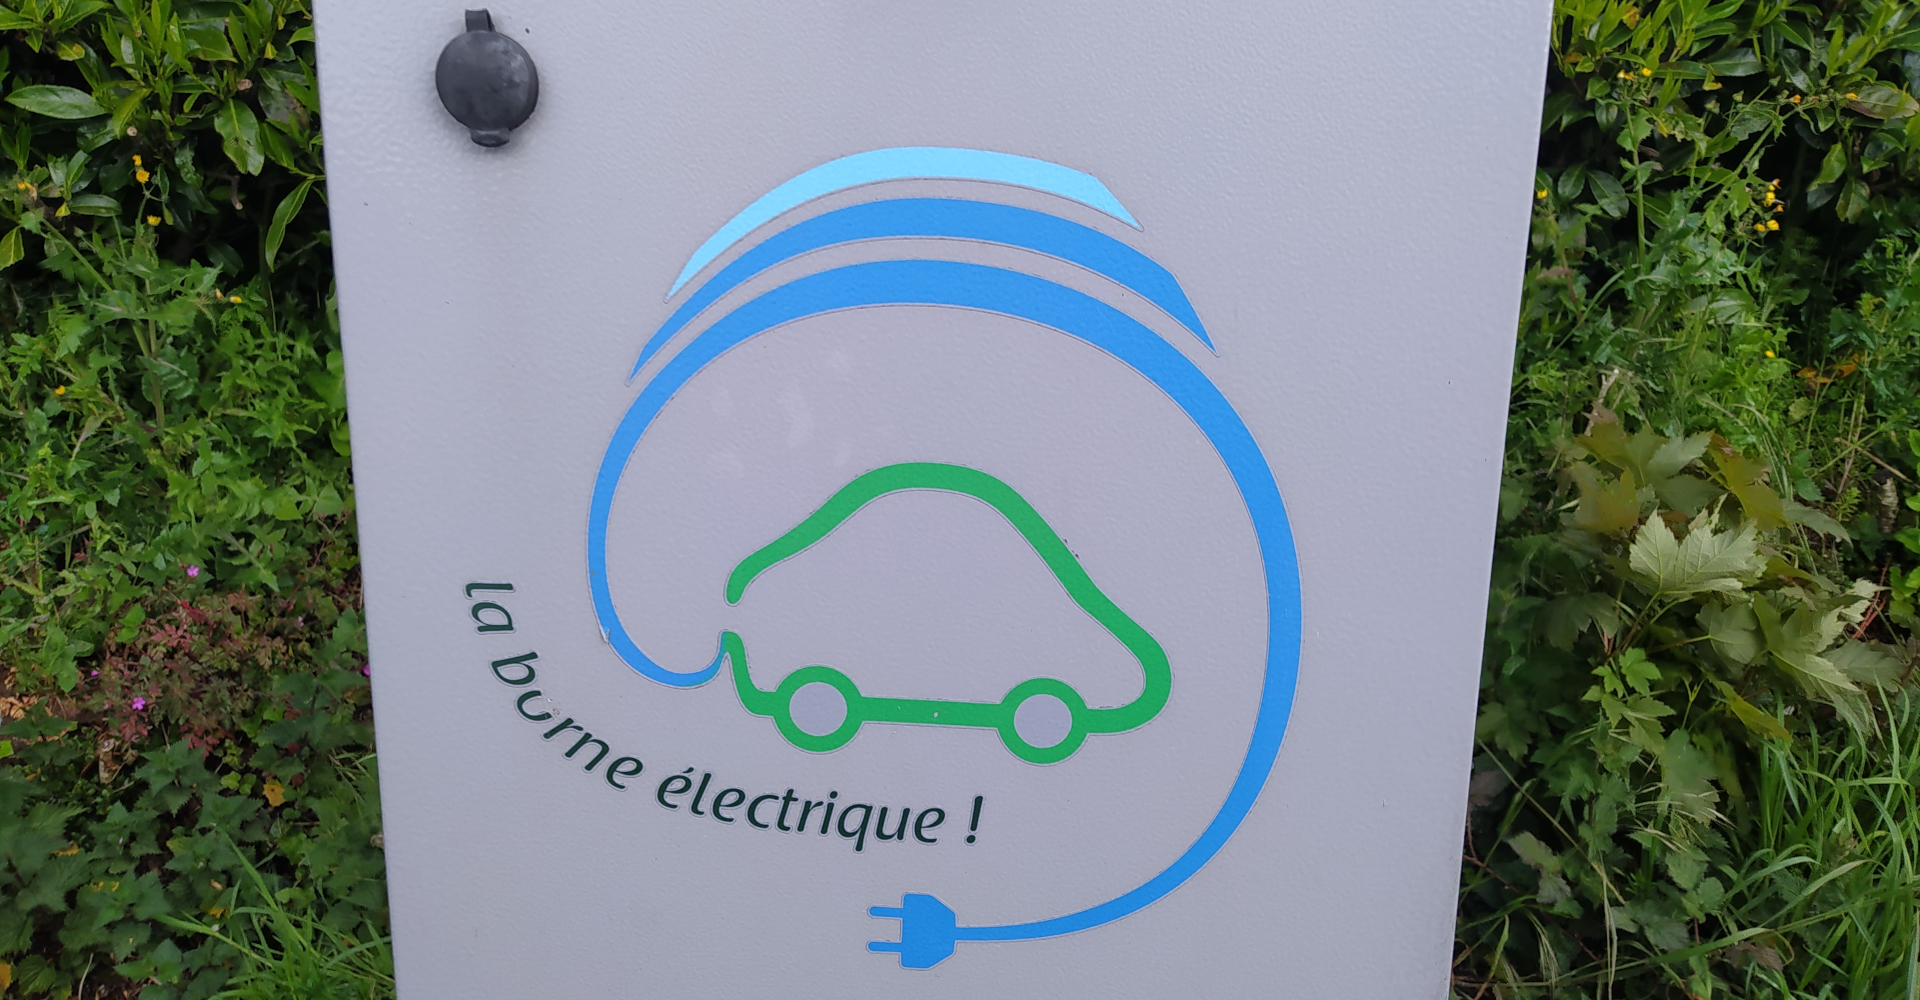 Borne électrique - Elliant